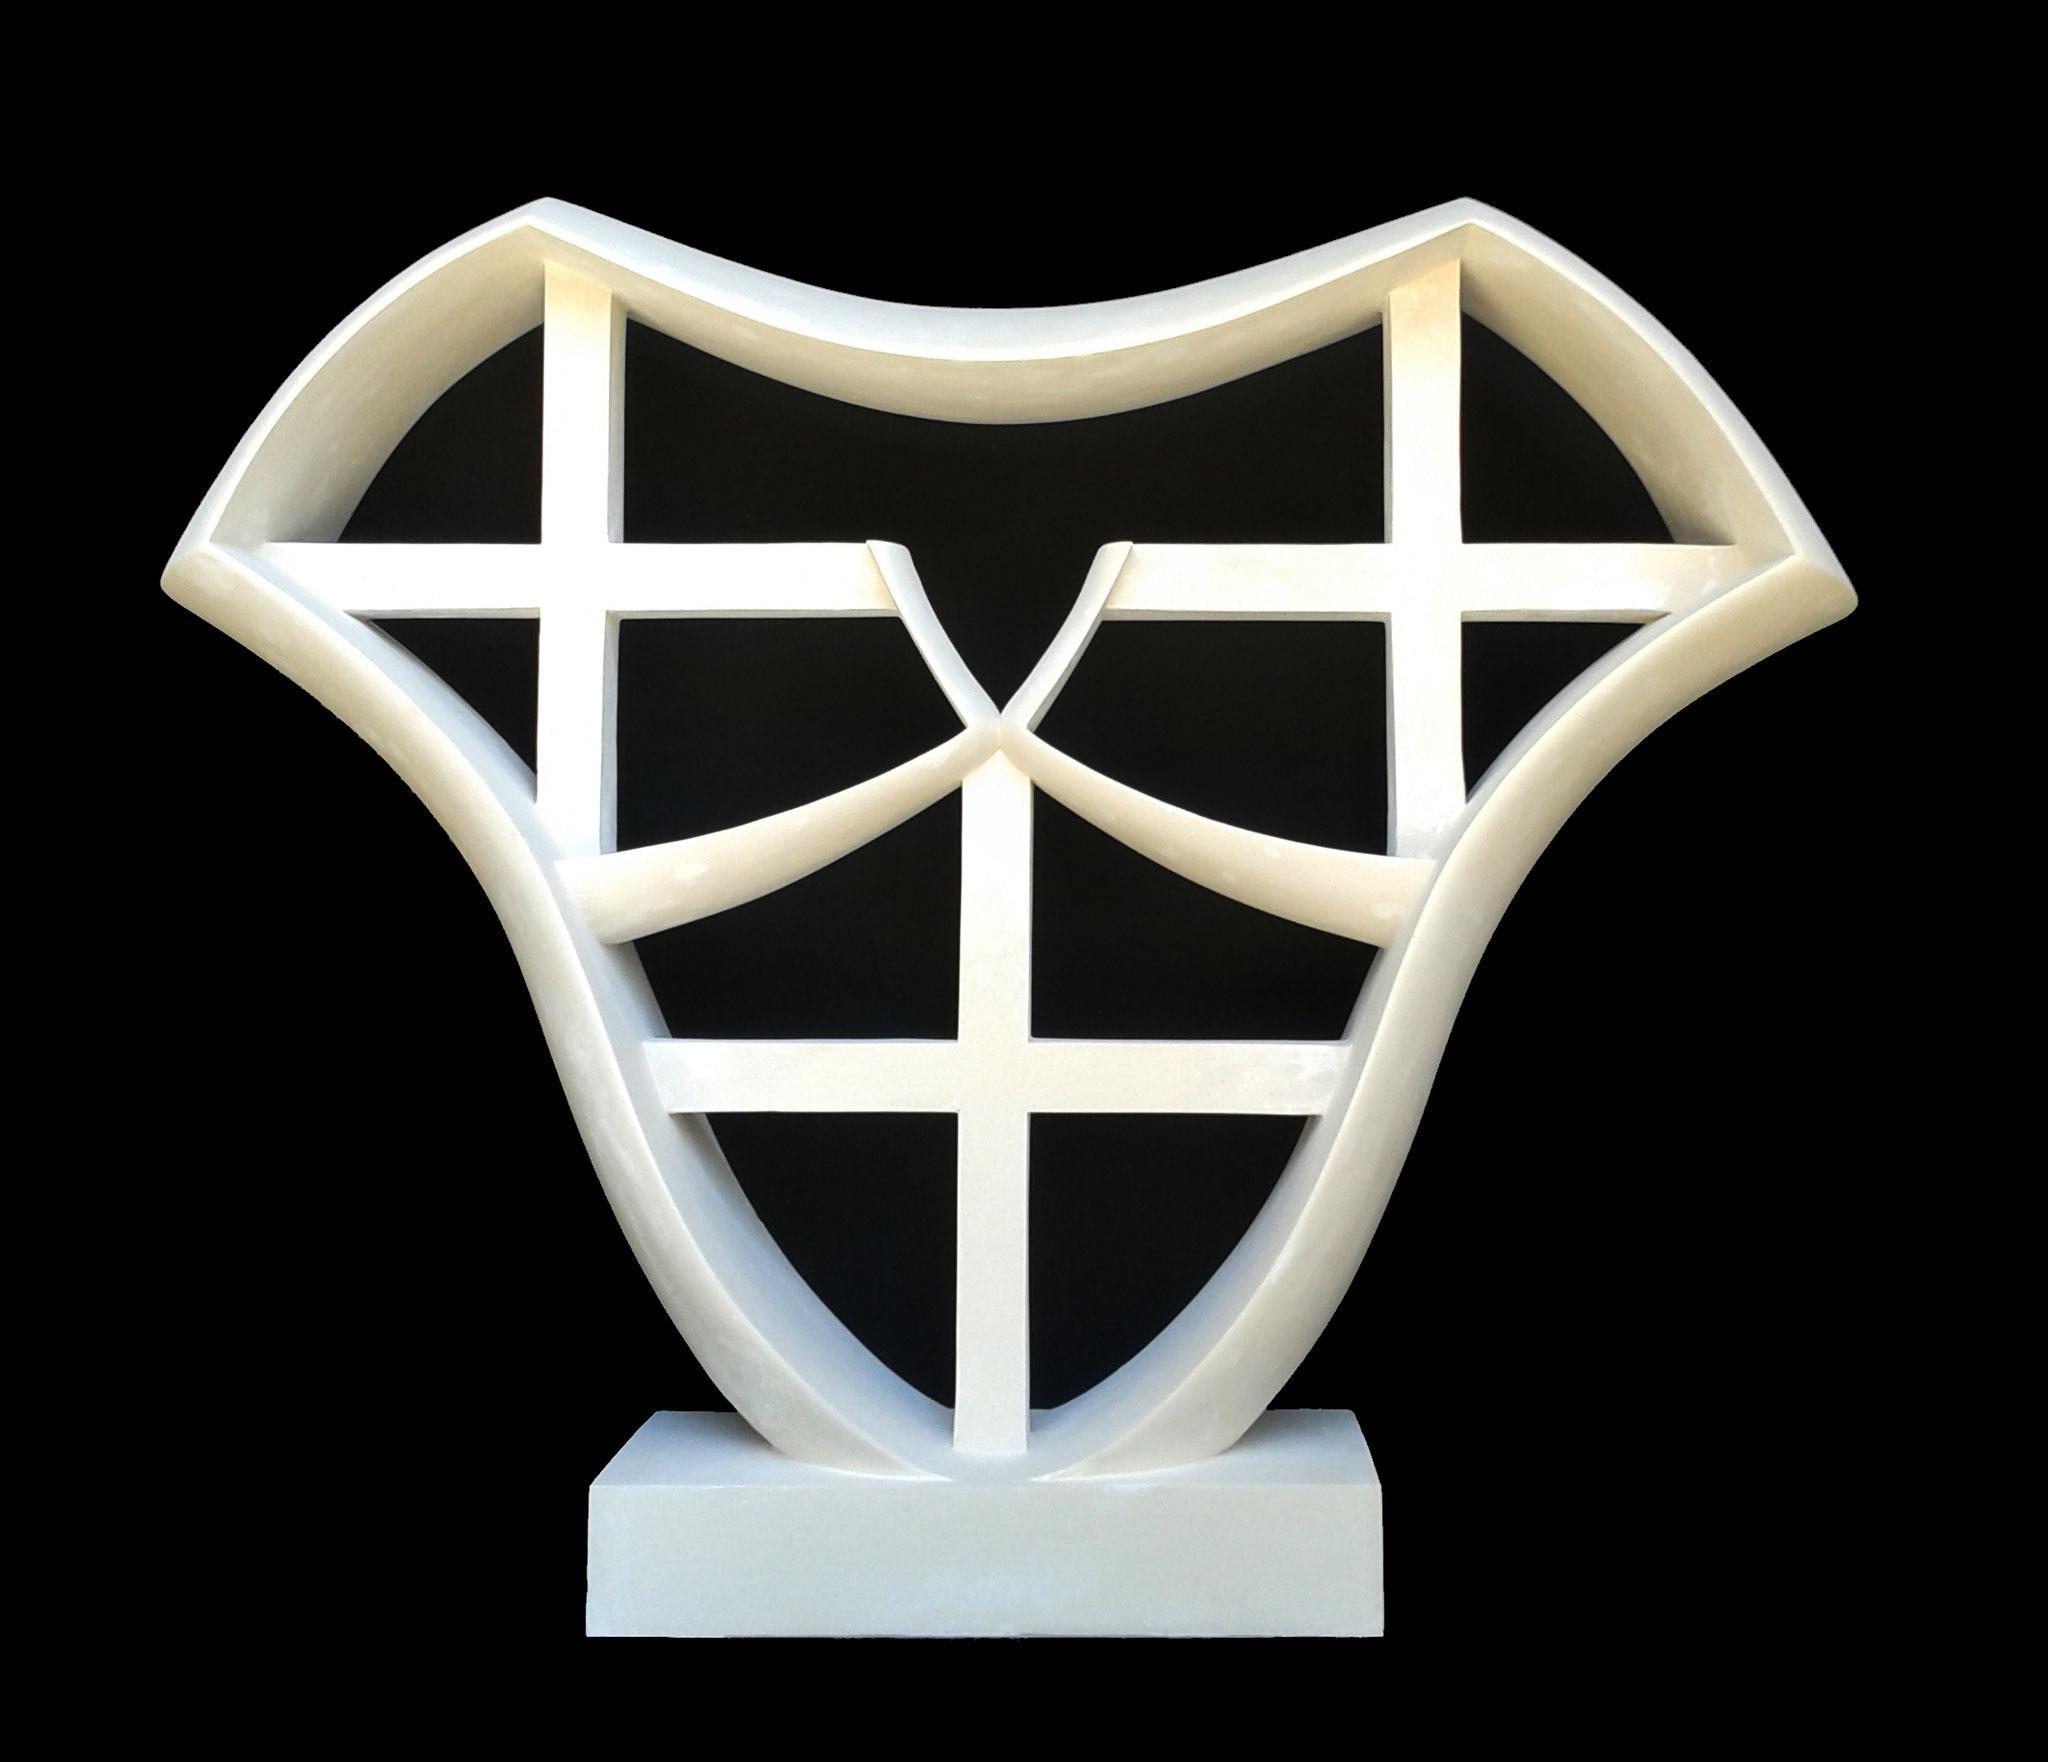 EVA. 2013. 80 x 100 x 19 cm. Plaster